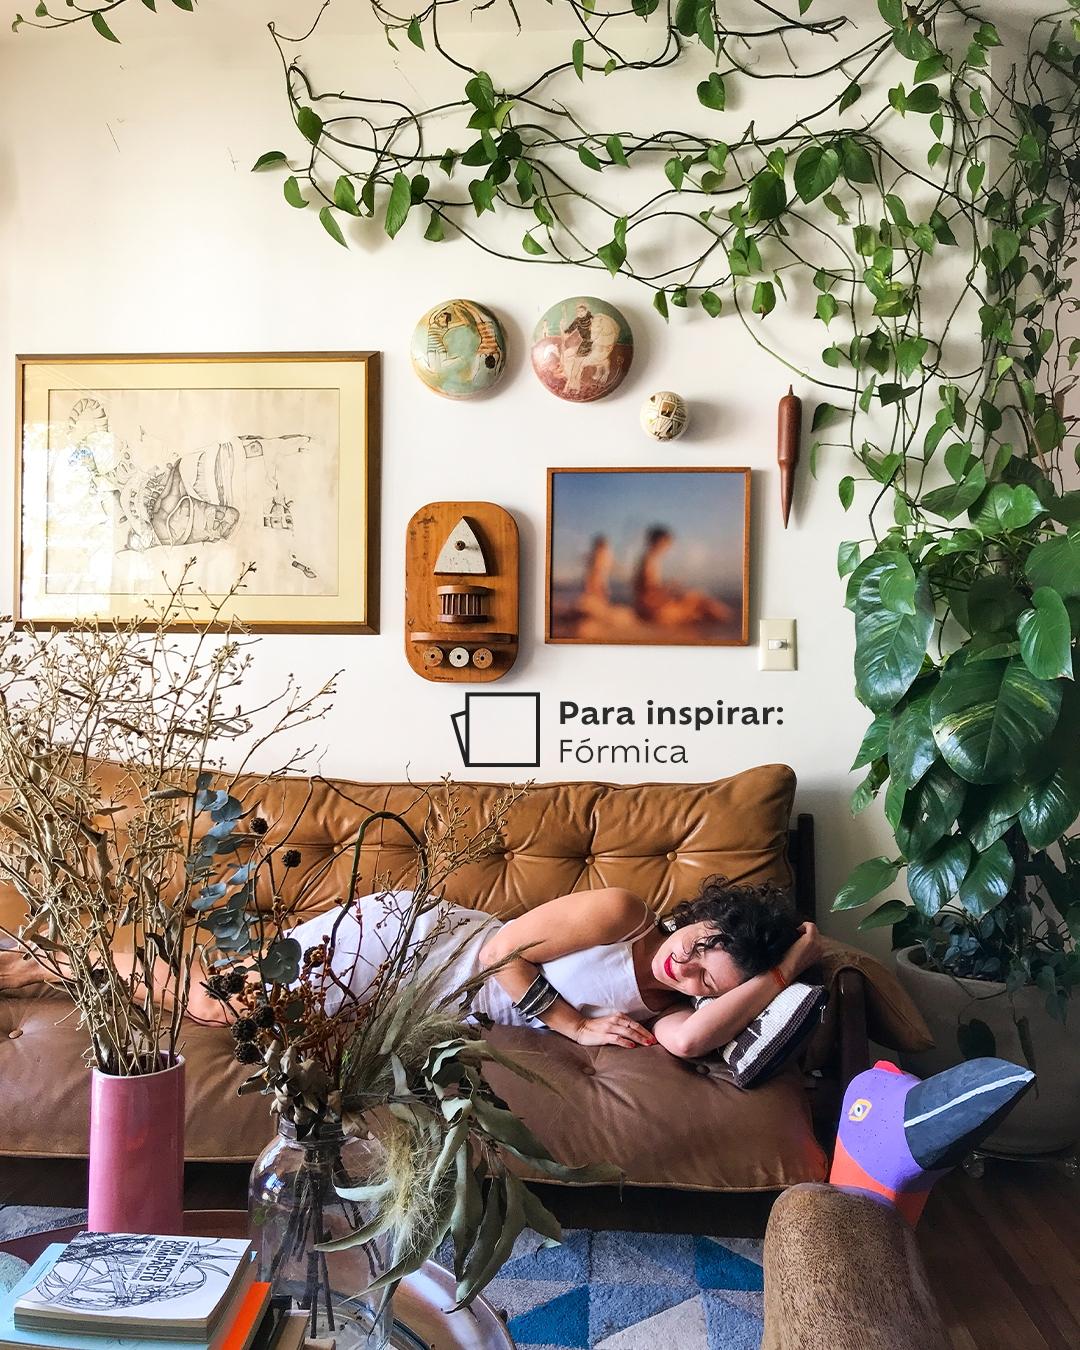 Na foto, temos Joana Lira deitada em seu sofá com plantas ao redor, e quadros pendurados na parede atrás dele. Para inspirar, temos a cor Fórmica na parede e um ícone de cor.